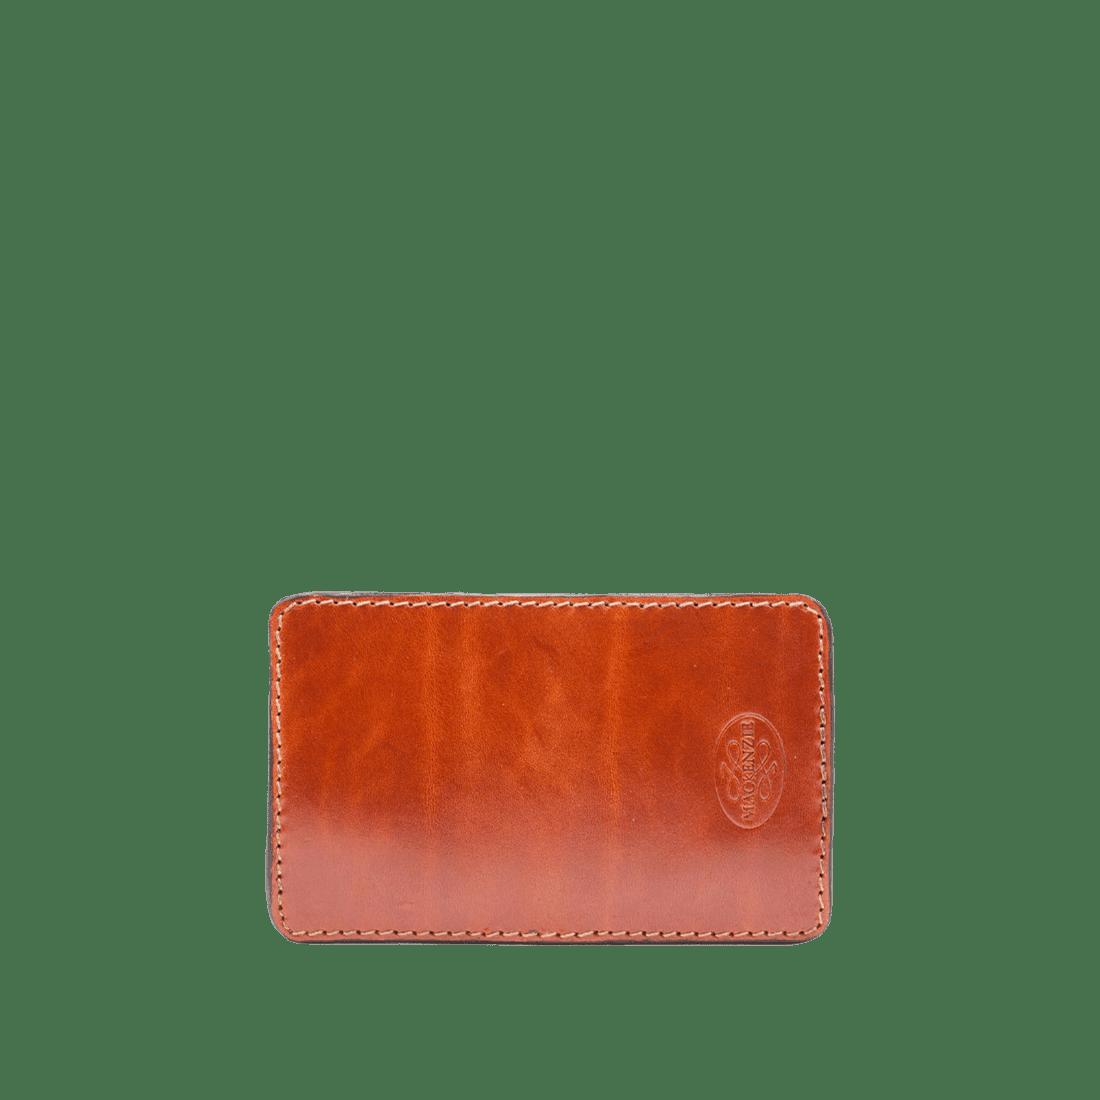 Card holder shiny tan